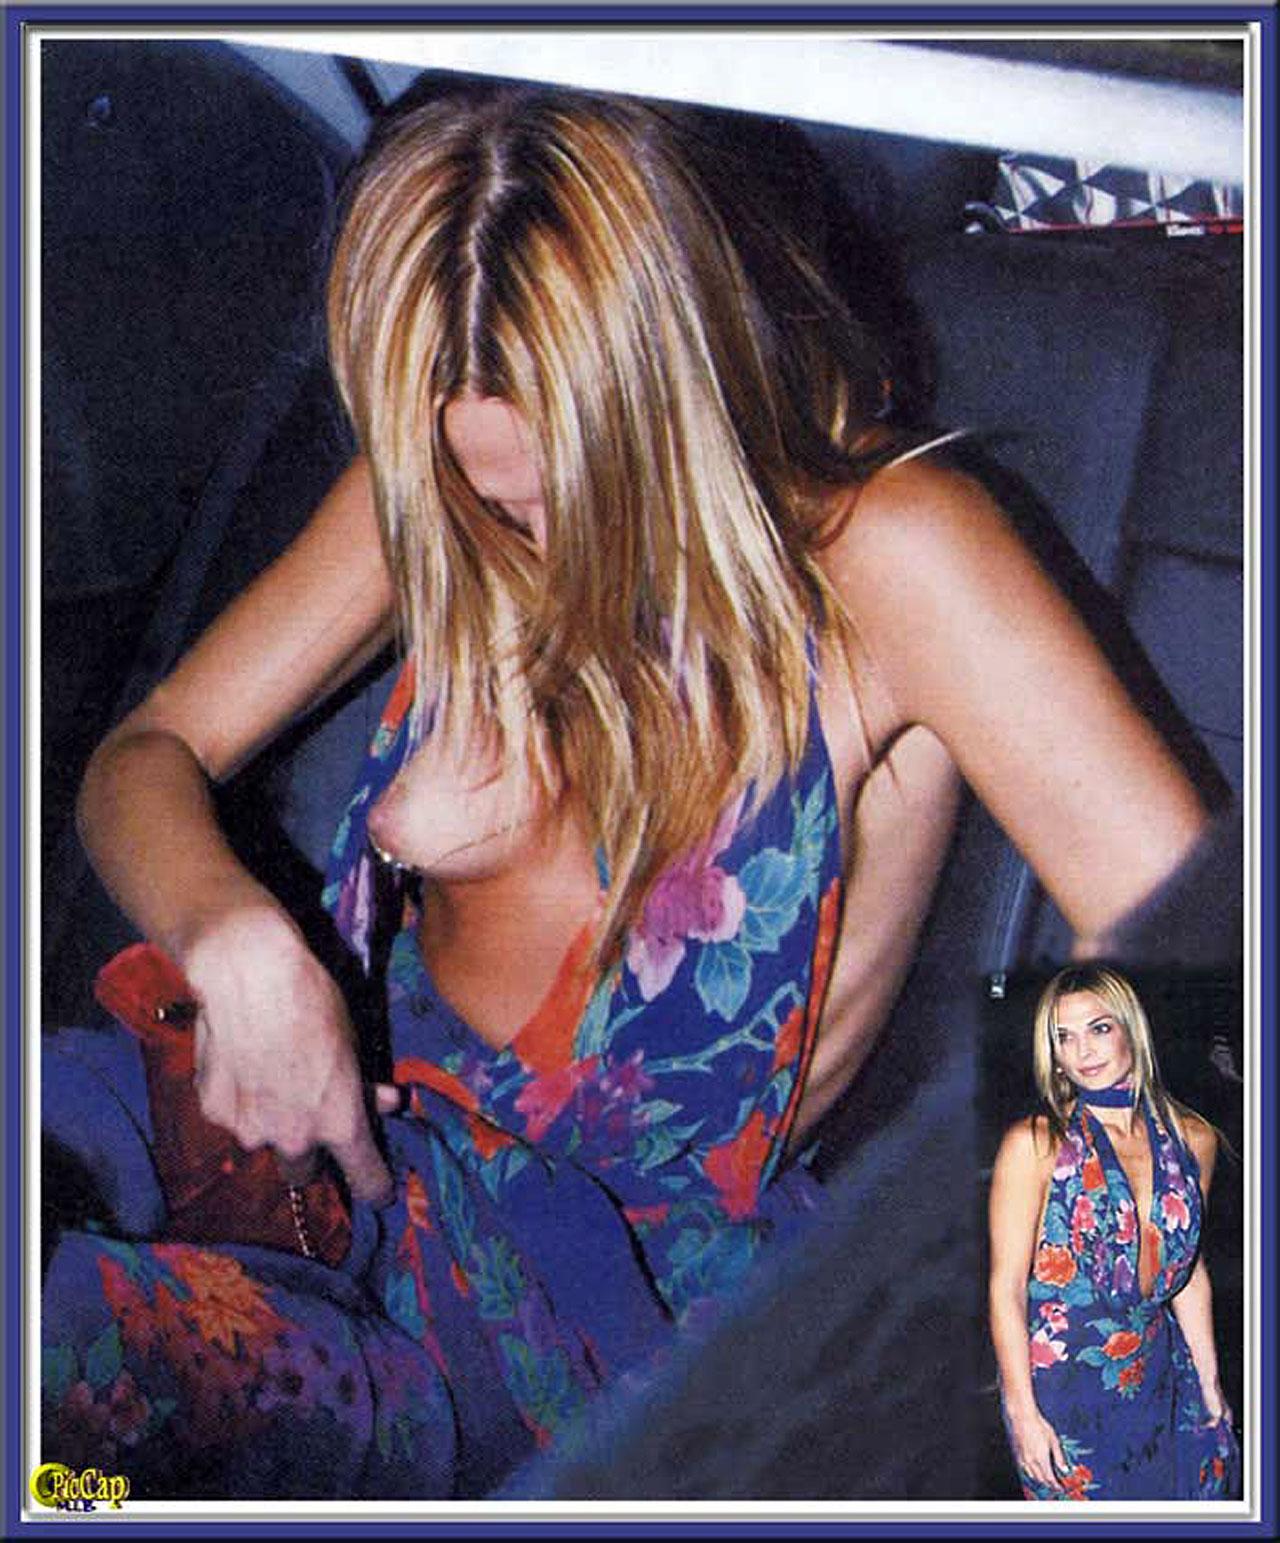 Случайные фото грудь девушек фото 7 фотография